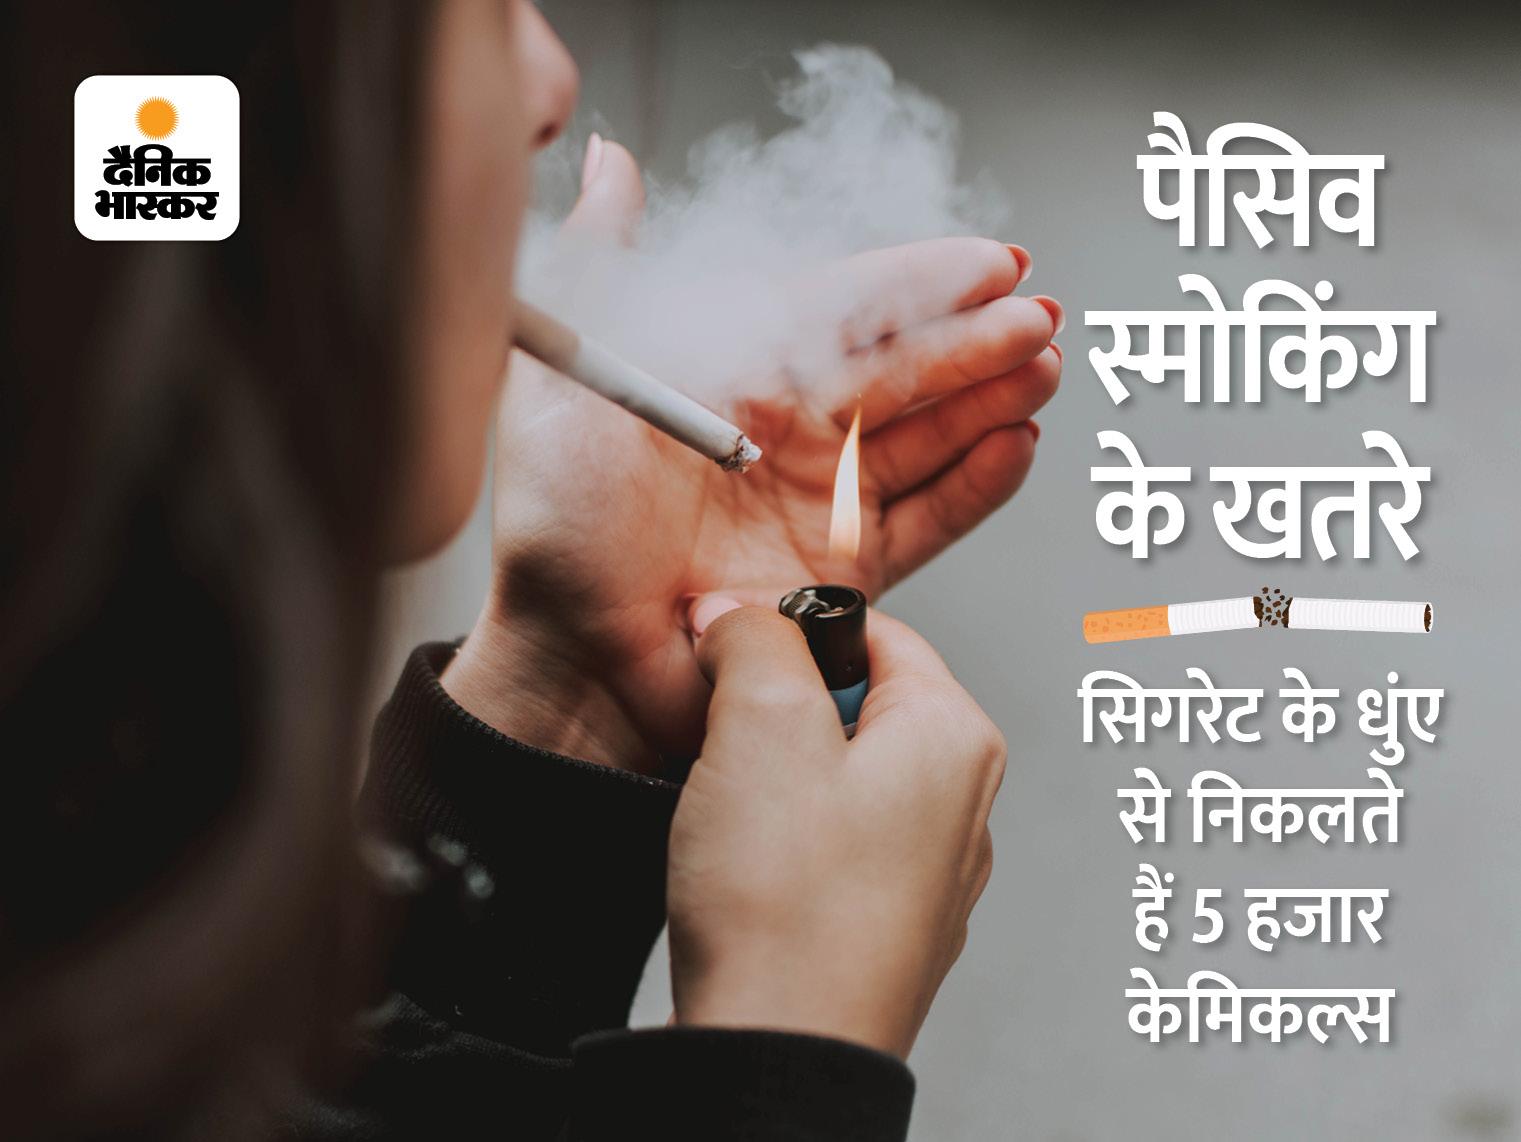 सिगरेट जलाने पर निकलते हैं 5000 केमिकल, न पीने वालों की सेहत पर भारी पड़ रही सेकेंड हैंड और थर्ड हैंड स्मोकिंग|हेल्थ एंड फिटनेस,Health & Fitness - Dainik Bhaskar